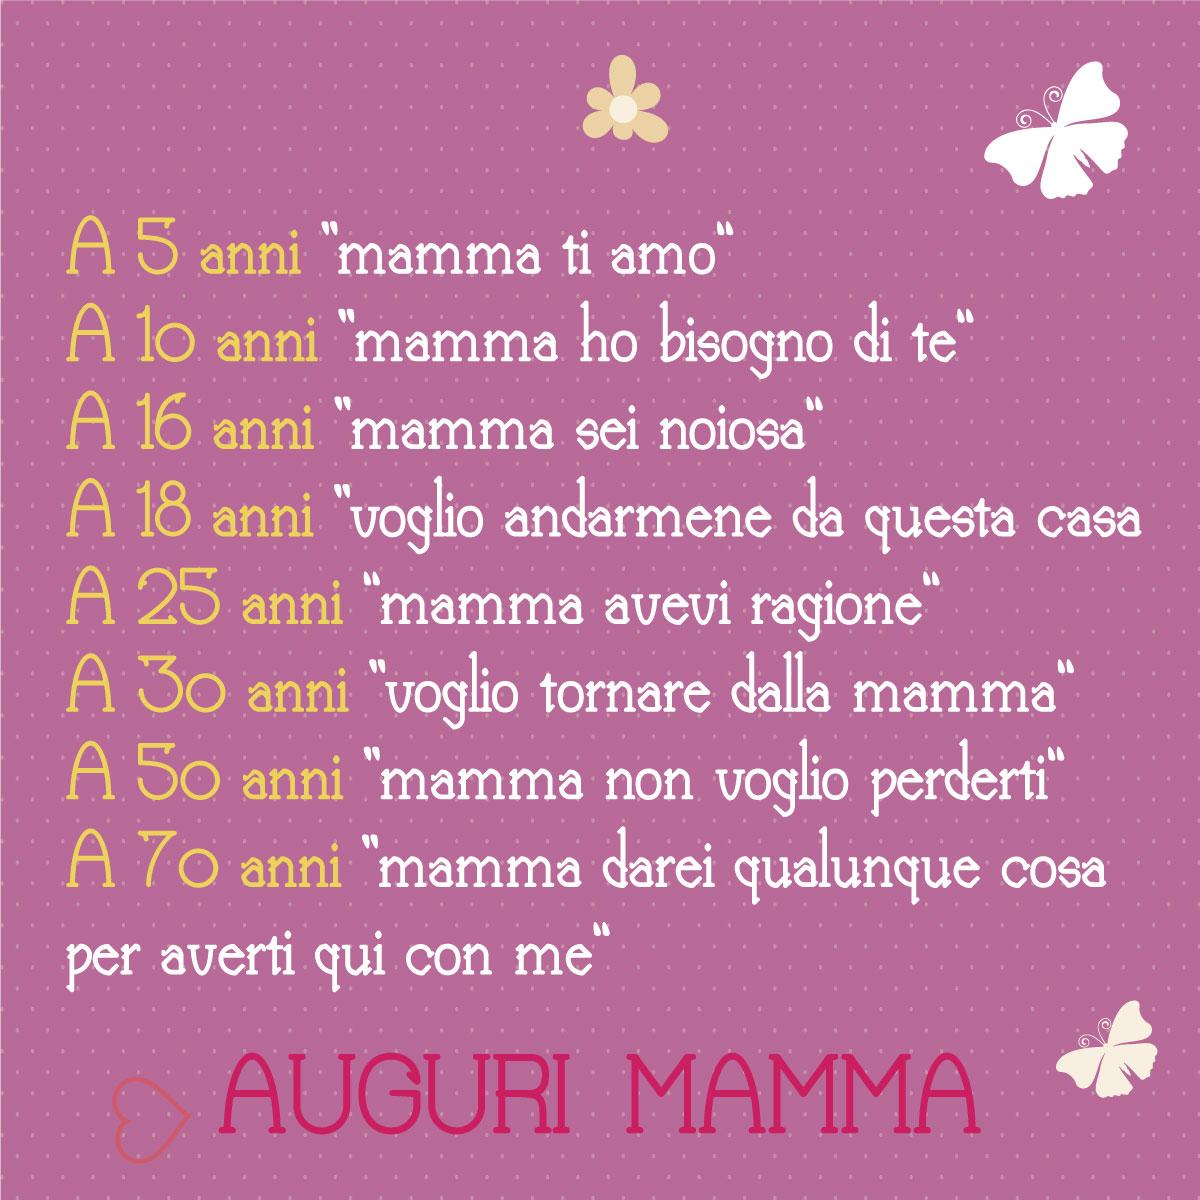 Popolare Festa della Mamma 2017: ecco le FRASI più belle per gli auguri su  IG37